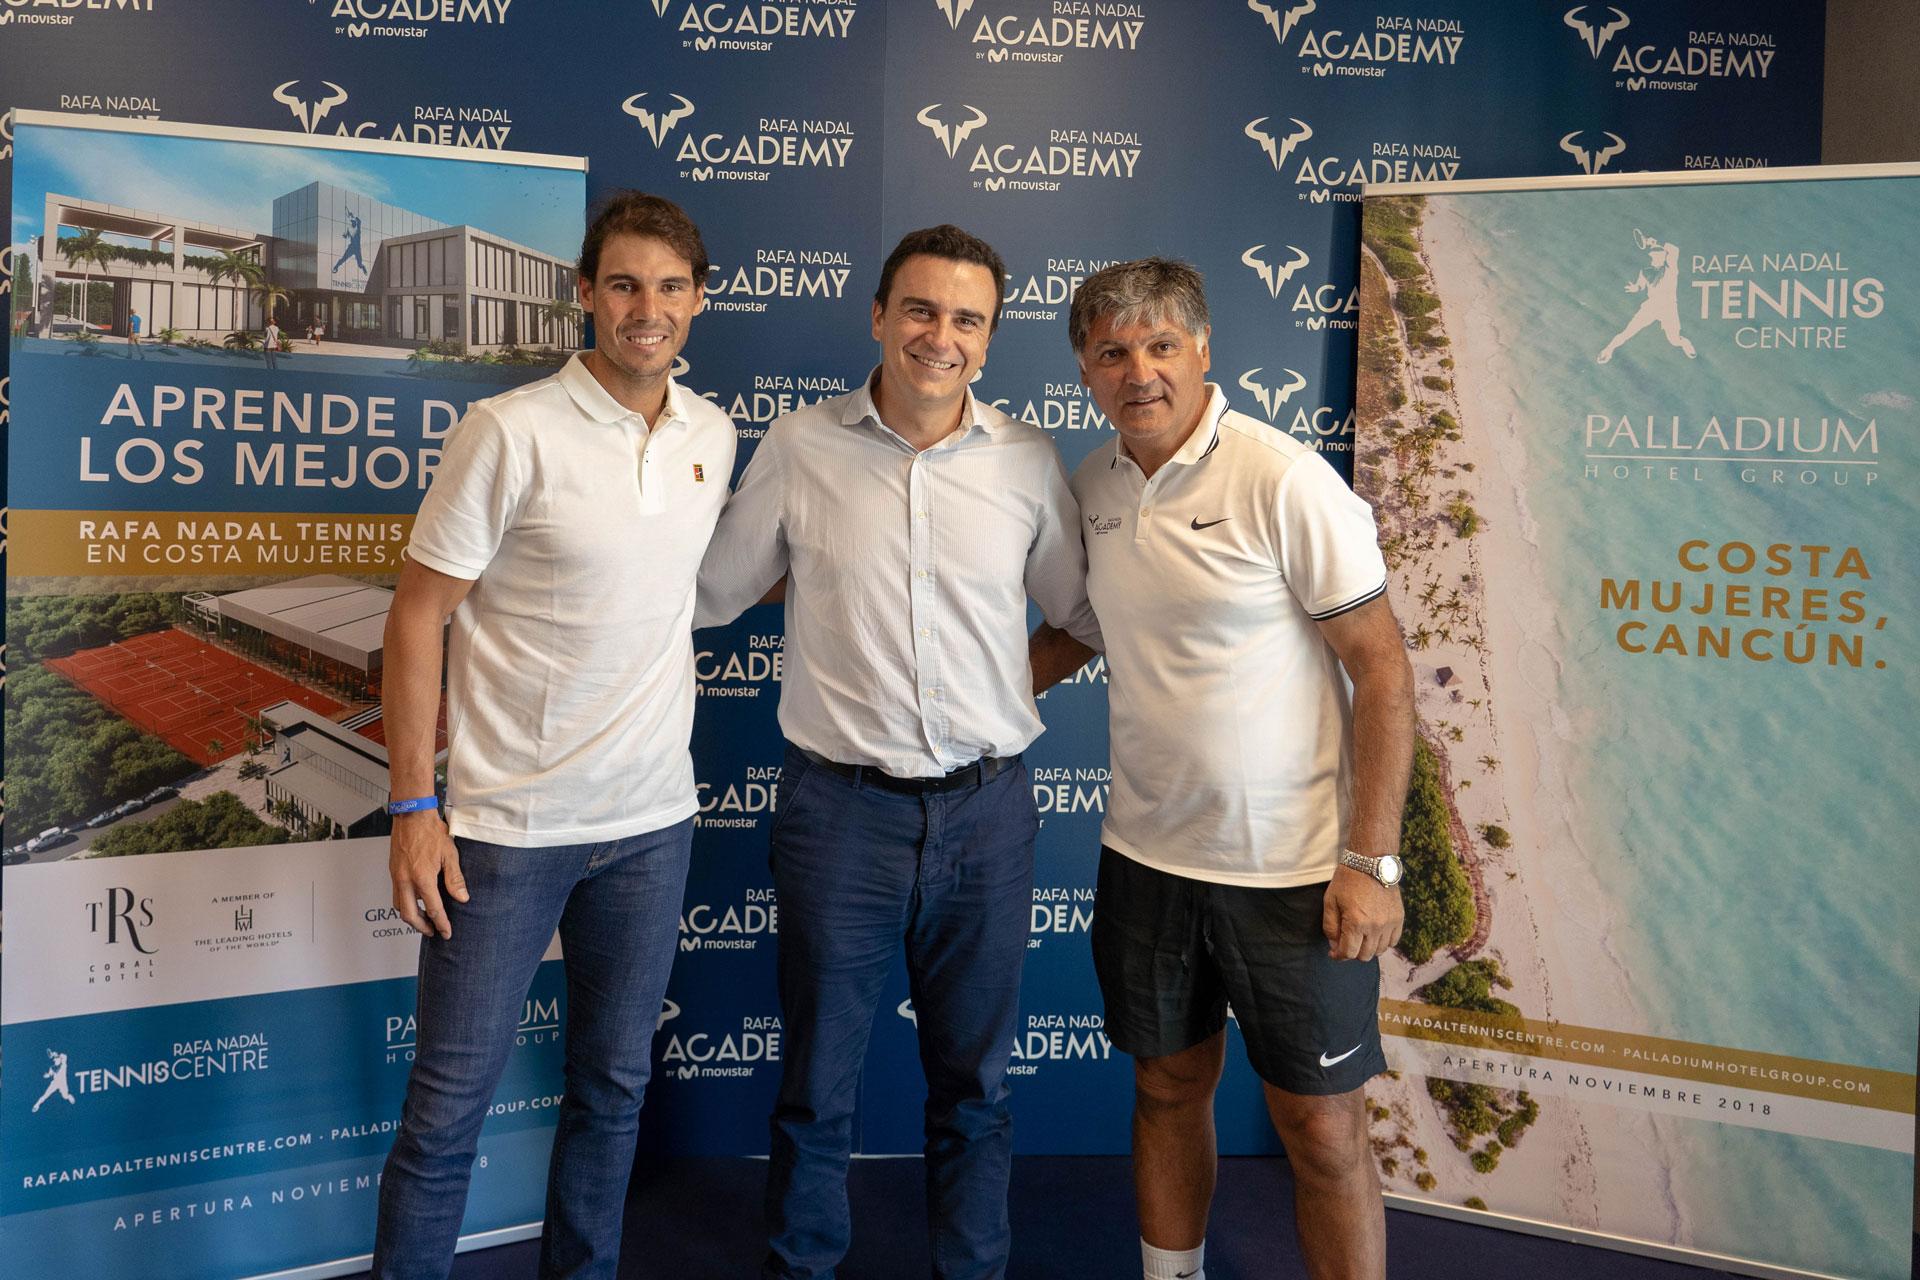 La Rafa Nadal Academy By Movistar Celebra Su Ii Aniversario Con La Apertura Del Rafa Nadal Tennis Centre En Mexico